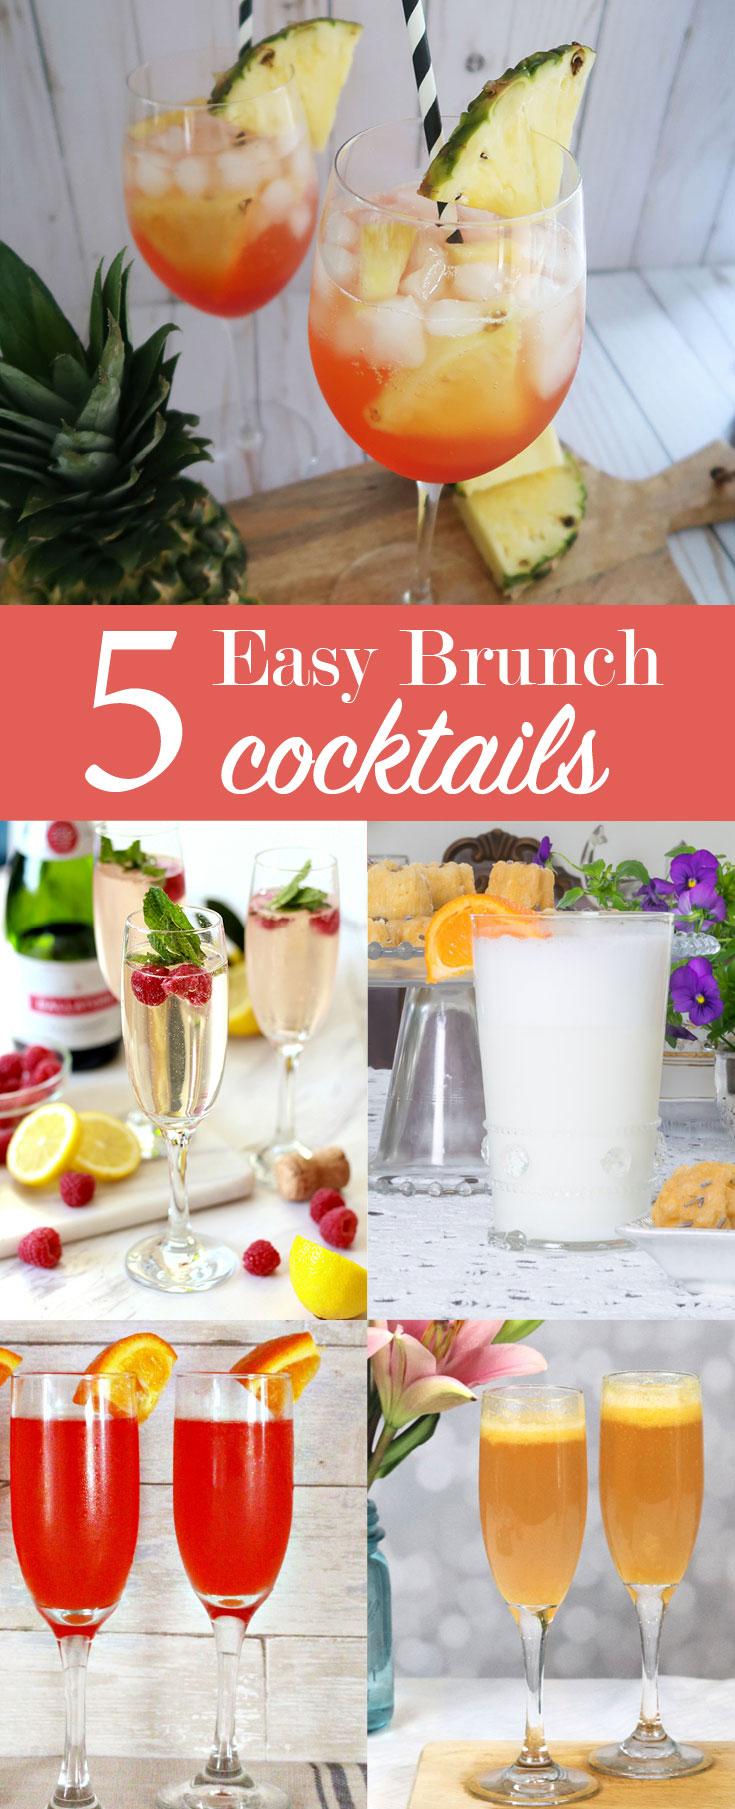 5 Easy Brunch Cocktails